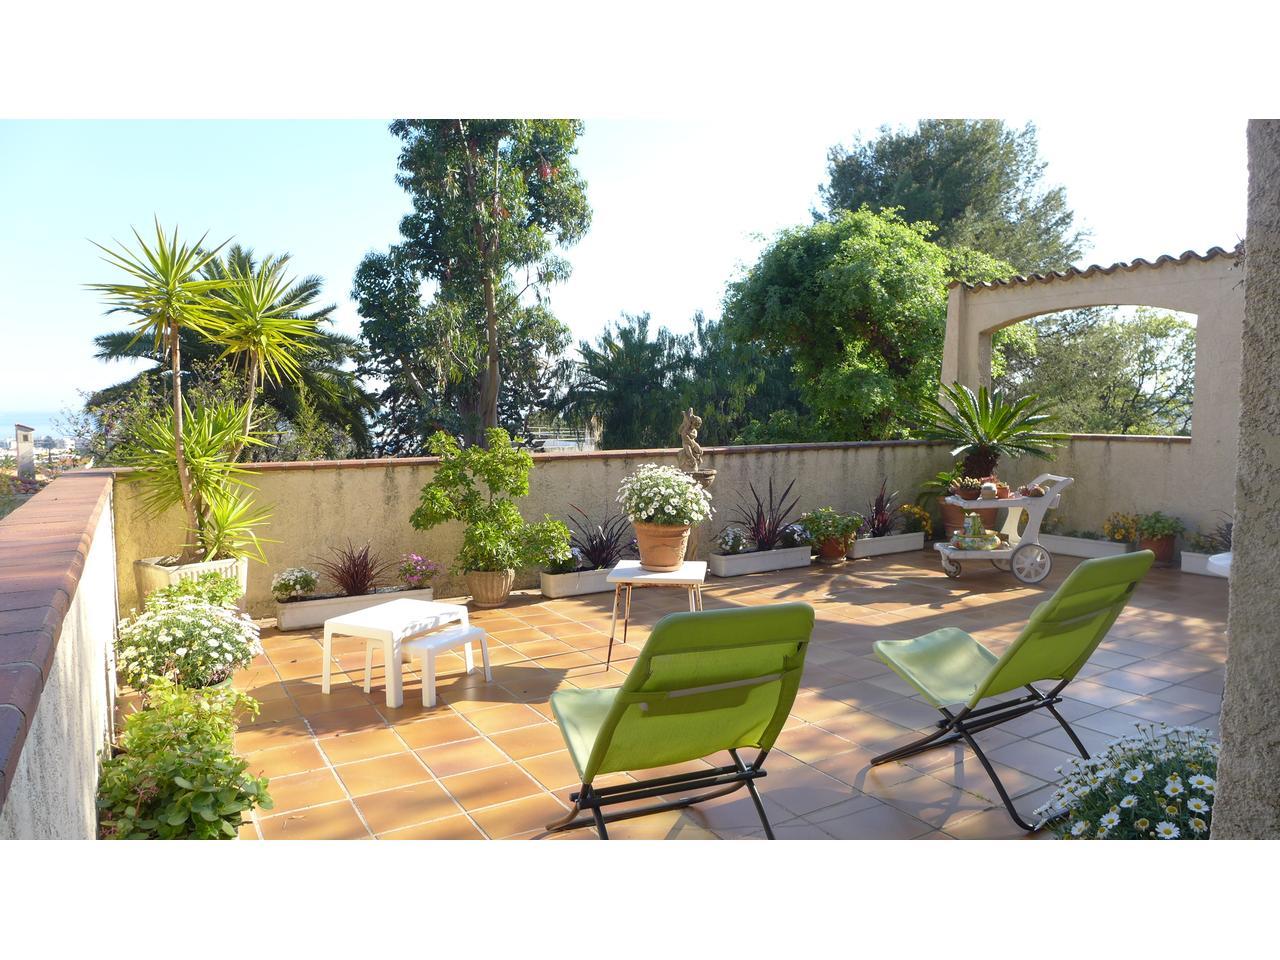 immobilier nice vue mer maison cagnes sur mer maison a vendre avec vue mer terrain plat avec piscine. Black Bedroom Furniture Sets. Home Design Ideas